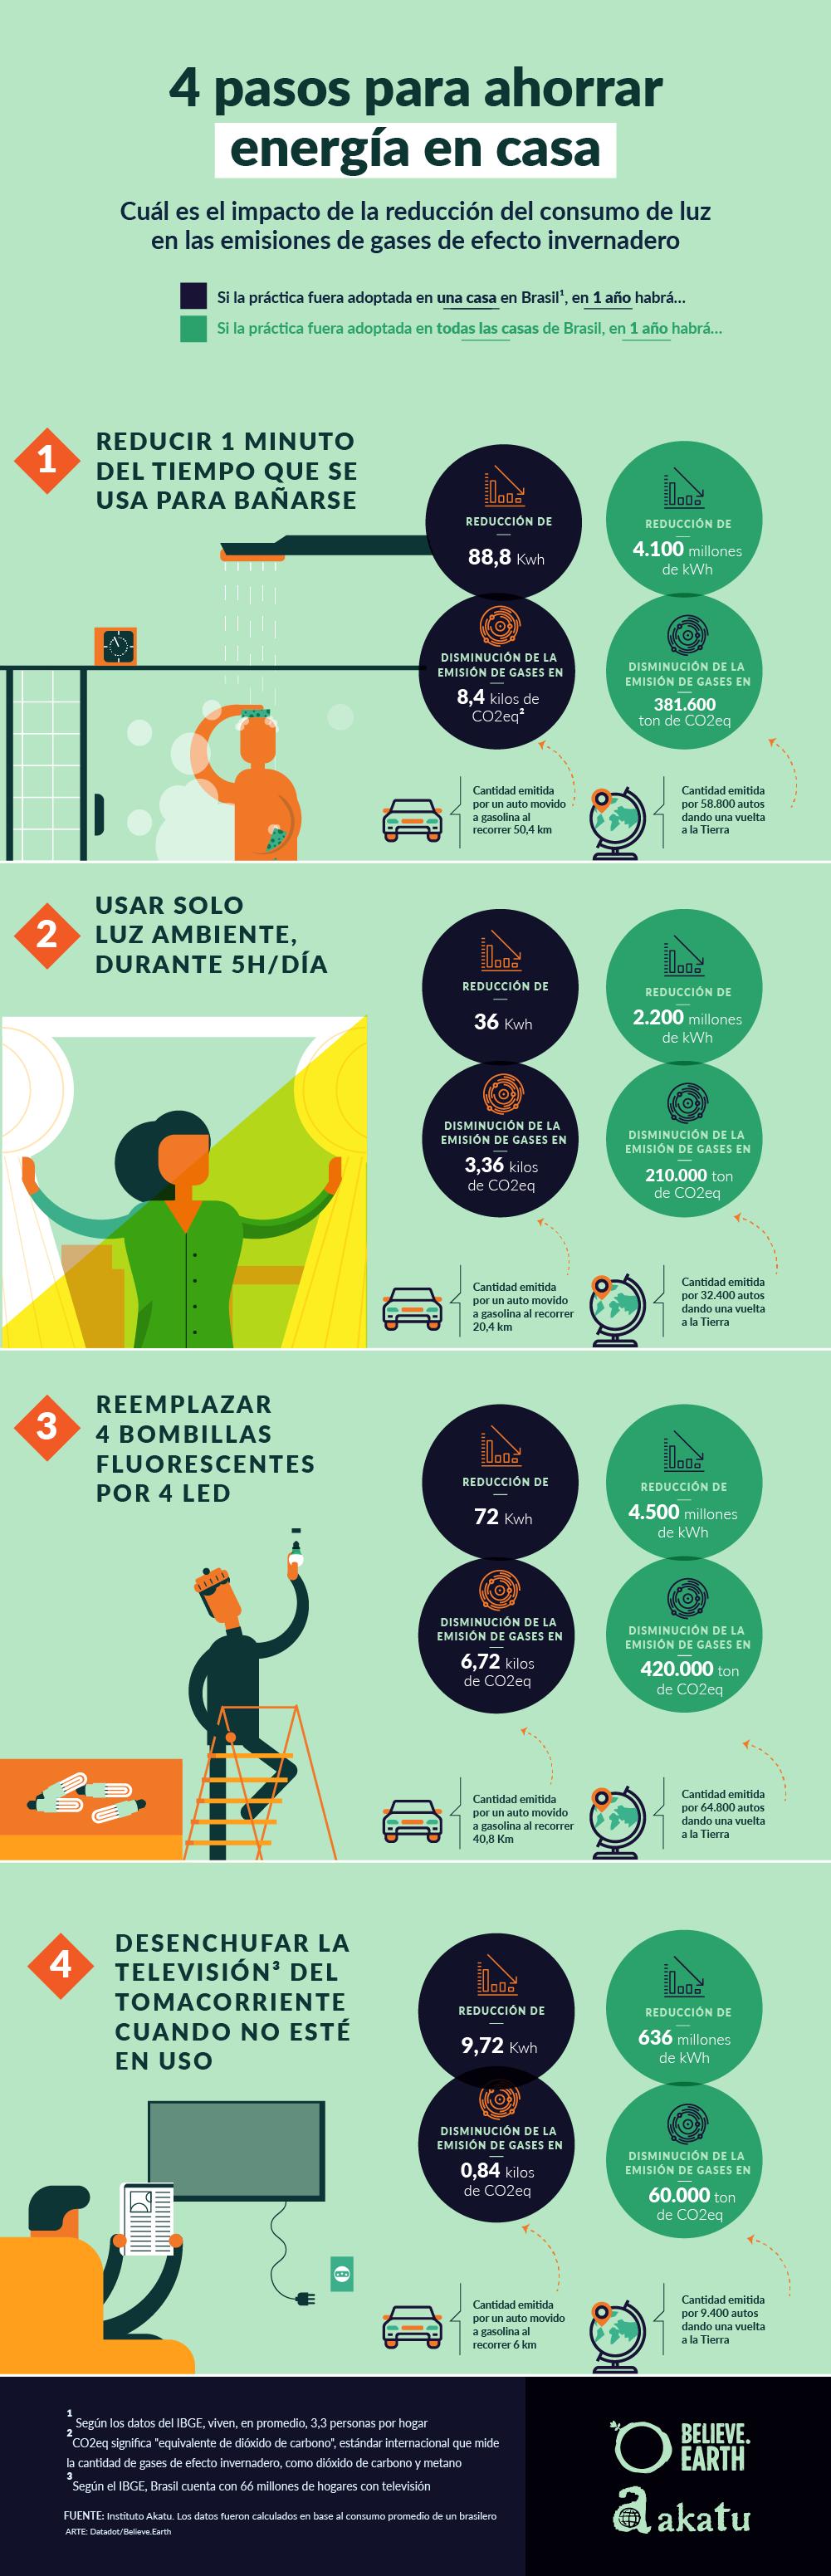 4 PASOS PARA AHORRAR ENERGÍA EN CASA Cuál es el impacto de la reducción de consumo de luz en las emisiones de gases de efecto invernadero  Si la práctica fuera adoptada en una casa en Brasil1, en 1 año habrá… Si la práctica fuera adoptada en todas las casas de Brasil, en 1 año habrá…  REDUCIR 1 MINUTO DEL TIEMPO QUE SE USA PARA BAÑARSE - Reducción de 88,8 kWh en el consumo de energía - Disminución de la emisión de gases en 8,4 kilos de CO2eq2 = cantidad emitida por un auto movido a gasolina al recorrer 50,4 km  - Reducción de 4.100 millones de kWh en el consumo de energía - Disminución de la emisión de gases en 381.600 mil toneladas de CO2eq = cantidad emitida por 58.800 autos dando una vuelta a la Tierra  USAR SOLO LUZ AMBIENTE, DURANTE 5H/DÍA - Reducción de 36 kWh en el consumo de energía - Disminución de la emisión de gases en 3,36 kilos de CO2eq = cantidad emitida por un auto movido a gasolina al recorrer 20,4 km - Reducción de 2.200 millones de kWh en el consumo de energía - Disminución de la emisión de gases en 210.000 toneladas de CO2eq = cantidad emitida por 32.400 autos dando una vuelta a la Tierra  REEMPLAZAR 4 BOMBILLAS FLUORESCENTES POR LAS LED EN CASA - Reducción de 72 kWh en el consumo de energía - Disminución de la emisión de gases en 6,72 kg de CO2eq = cantidad emitida por un auto movido a gasolina al recorrer 40,8 Km - Reducción de 4.500 millones de kWh en el consumo de energía - Disminución de la emisión de gases en 420.000 toneladas de CO2eq = cantidad emitida por 64.800 autos dando una vuelta a la Tierra  DESENCHUFAR LA TELEVISIÓN DEL TOMACORRIENTE CUANDO NO ESTÉ EN USO3 - Reducción de 9,72 kWh en el consumo de energía - Disminución de la emisión de gases en 0,84 kg CO2eq = cantidad emitida por un auto al recorrer 6 km - Reducción de 636 millones de kWh en el consumo de energía - Disminución de las emisiones de gases en 60.000 toneladas de CO2eq = cantidad emitida por 9.400 autos dando una vuelta a la Tierra   1 Según los datos del IBGE, viven, e